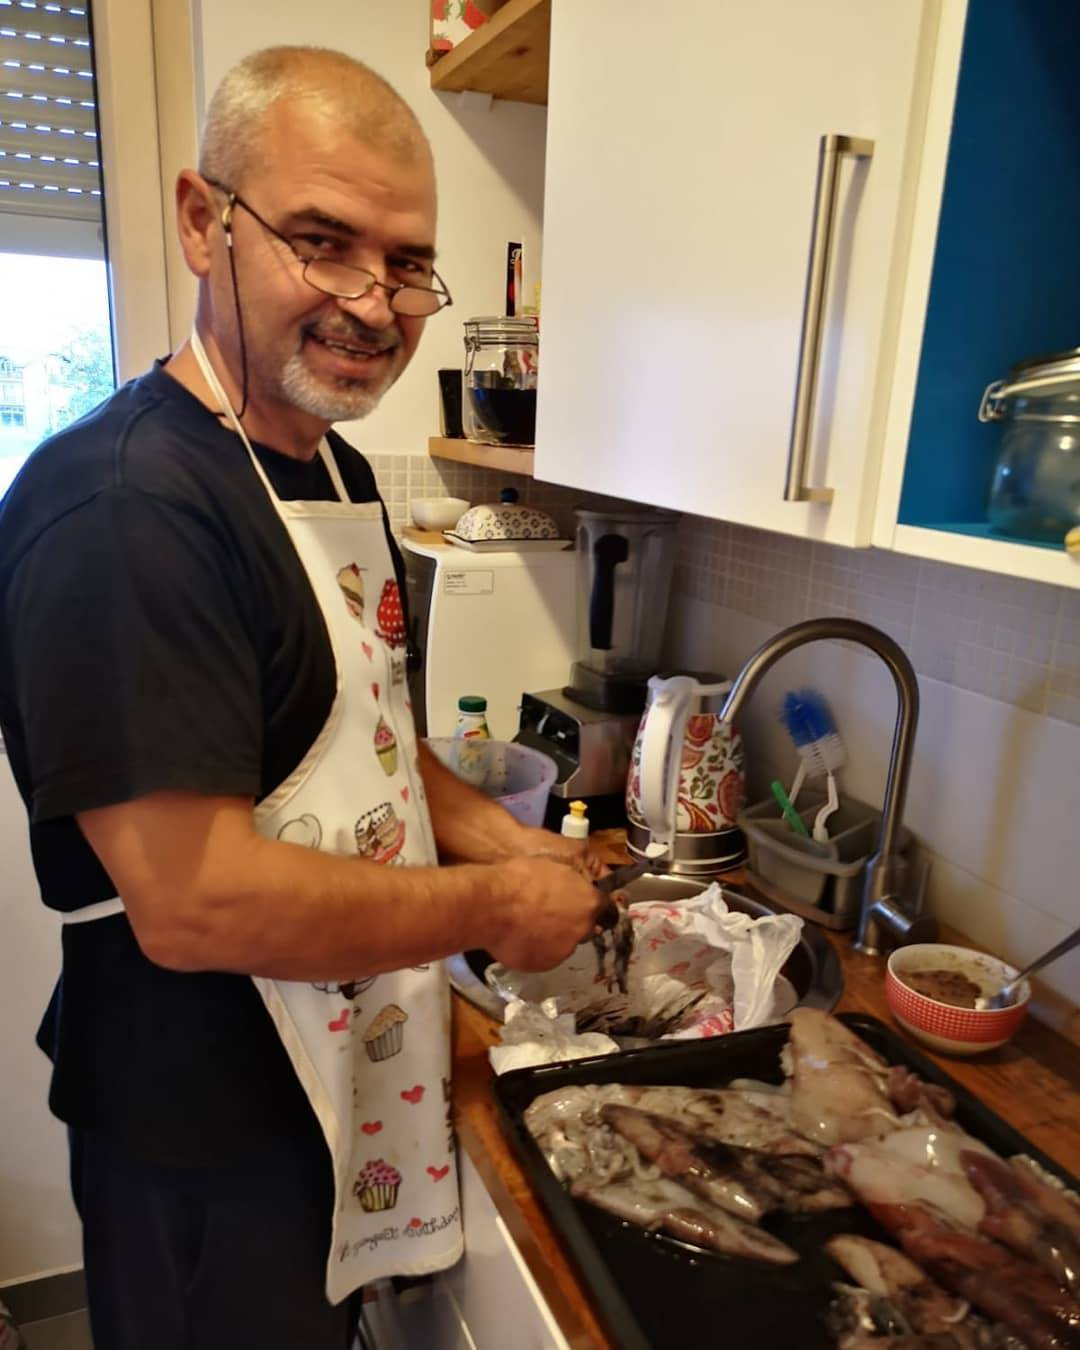 Drama u Zadru: Lopov provalio u kuću, udario oca Doris Pinčić